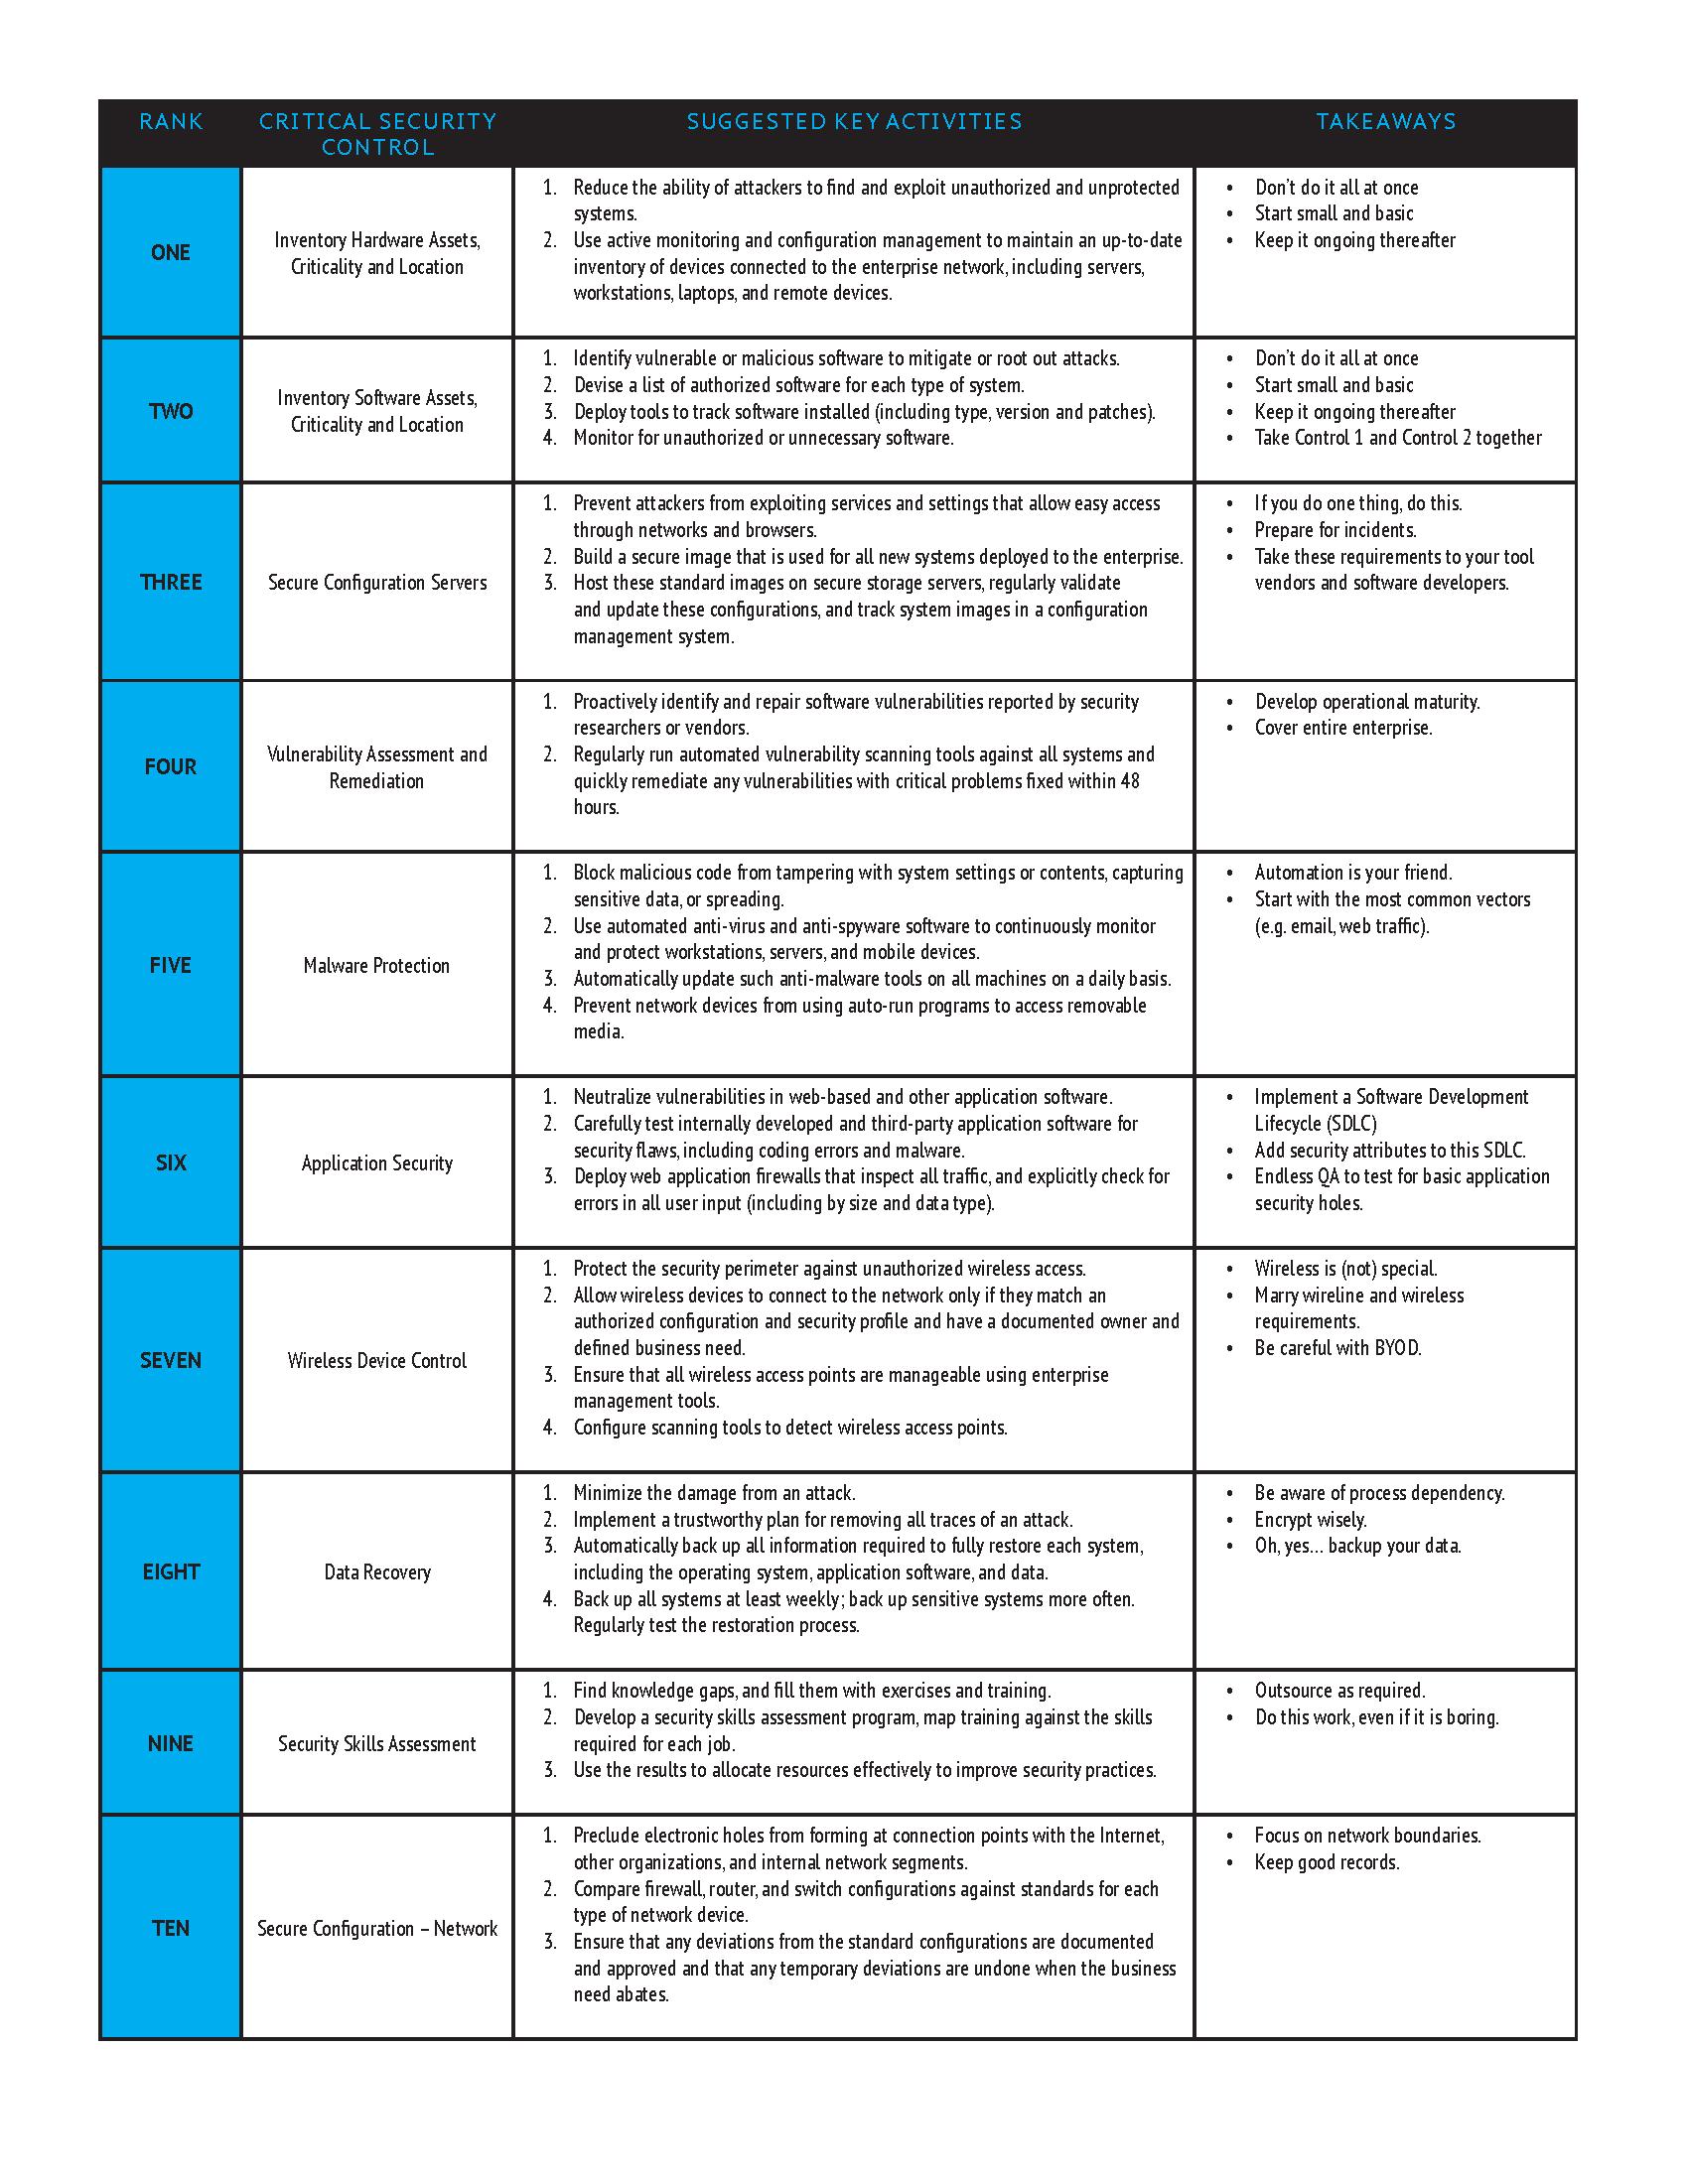 describe business critical applications list